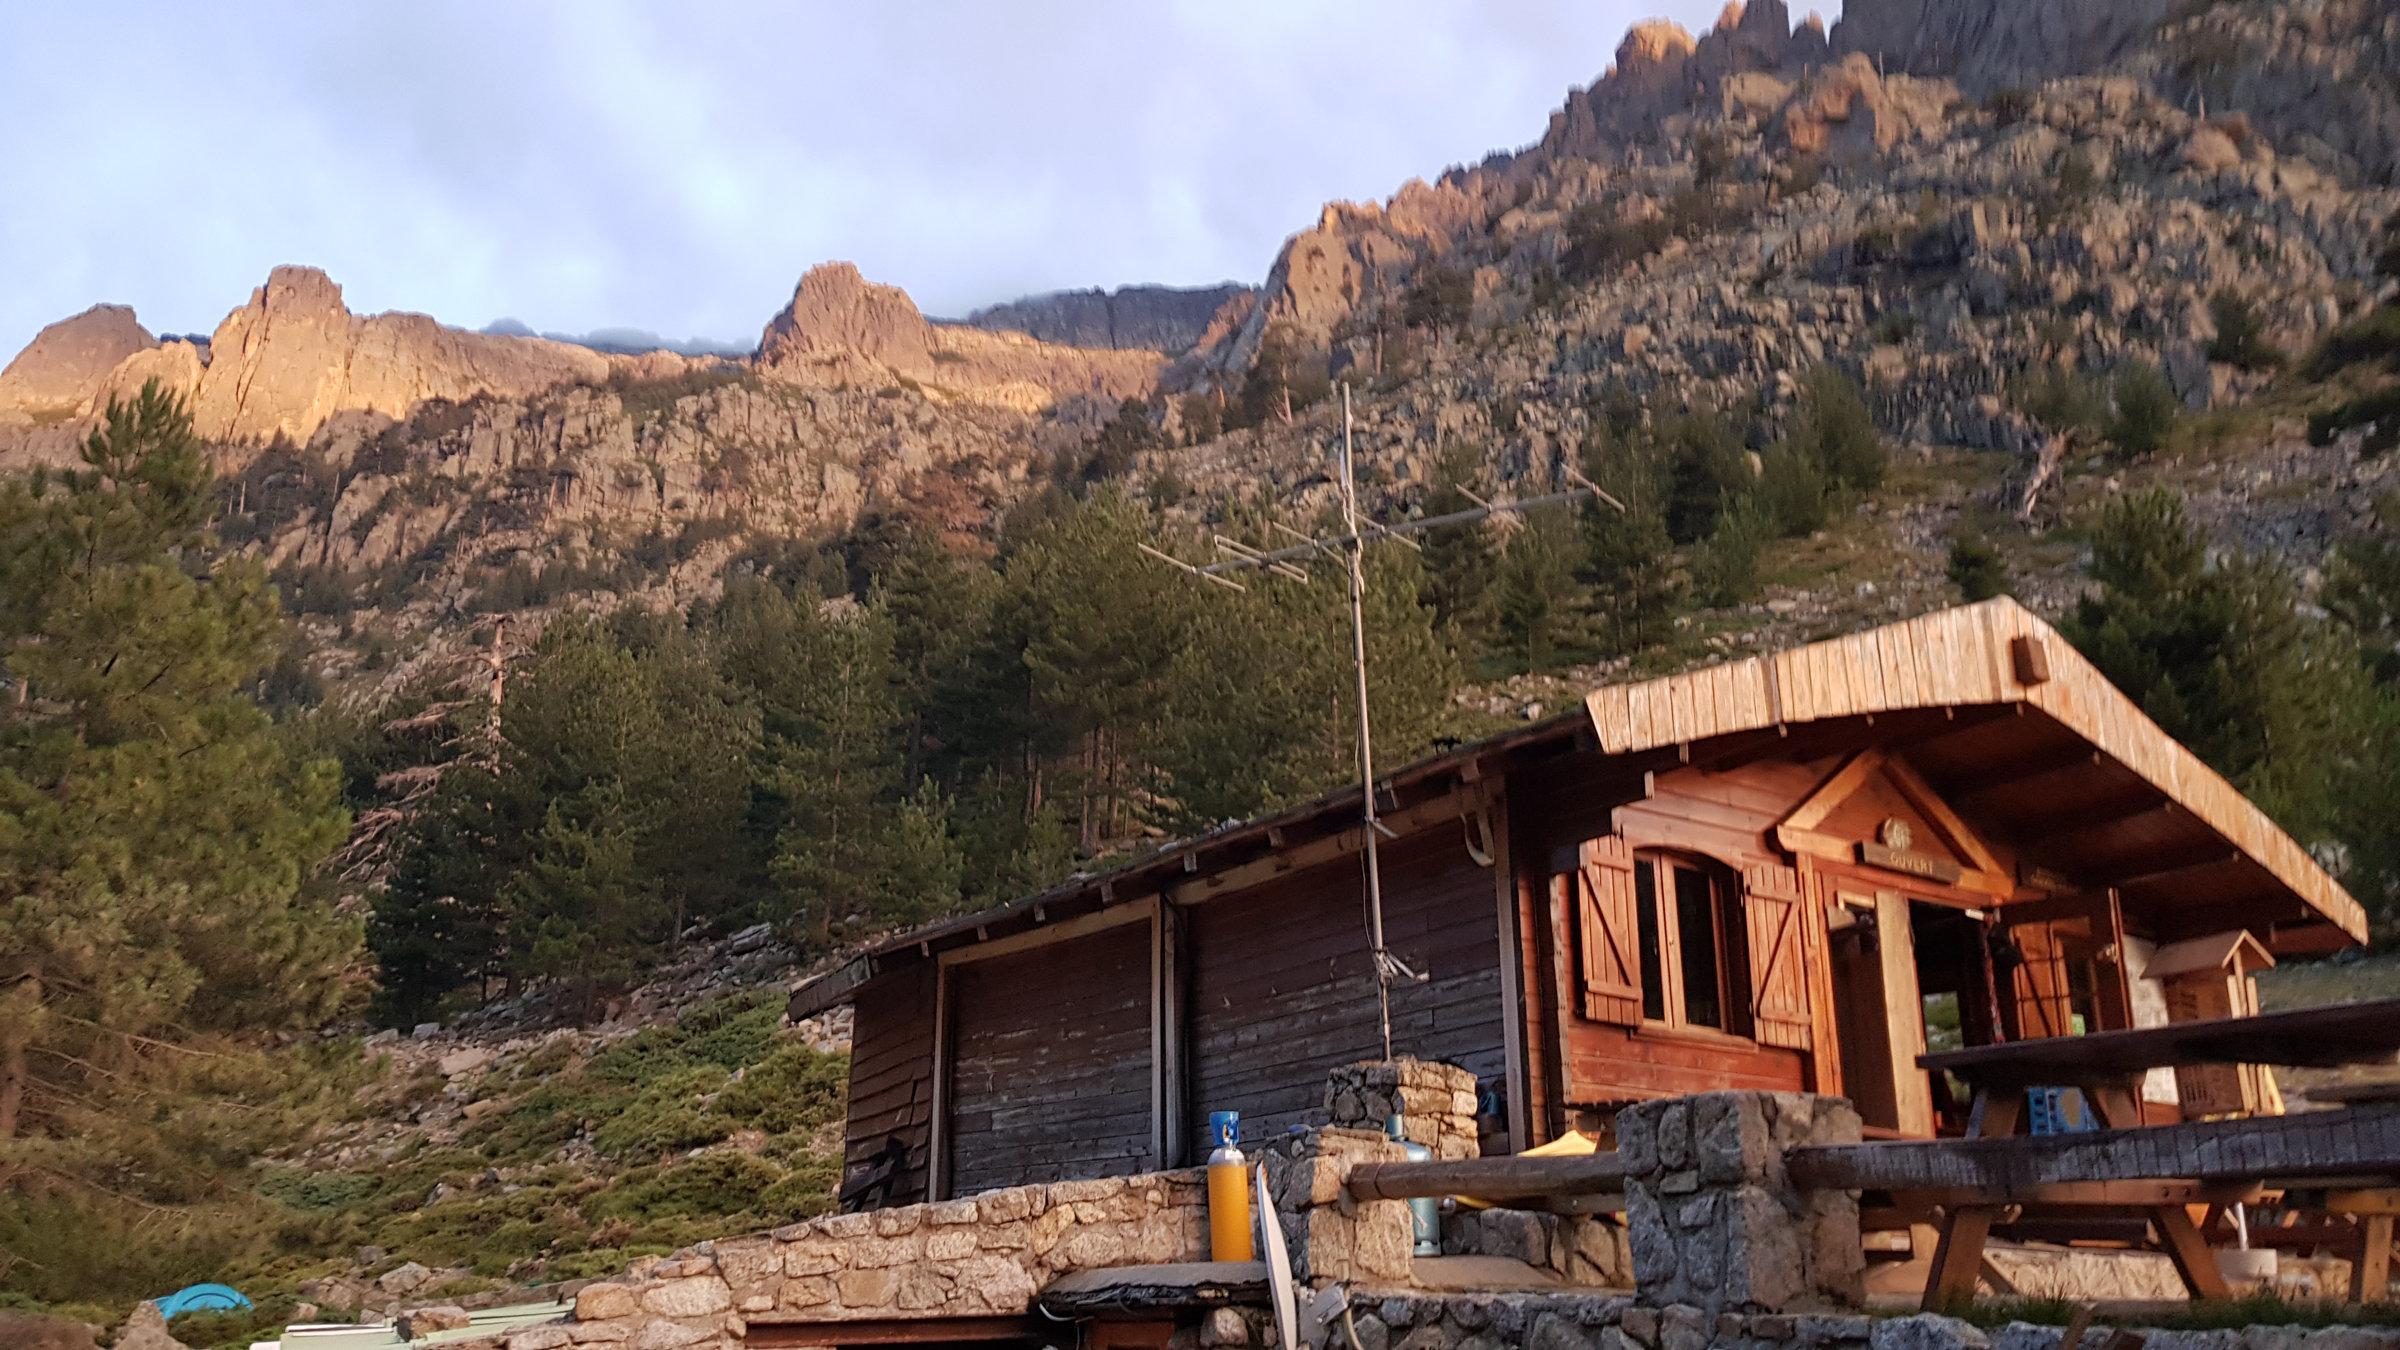 Morgenröte über Theos Hütte Grotelle im Restonica Tal, Korsika, GR20 Weitwanderweg, Wandern, Berge, Frankreich